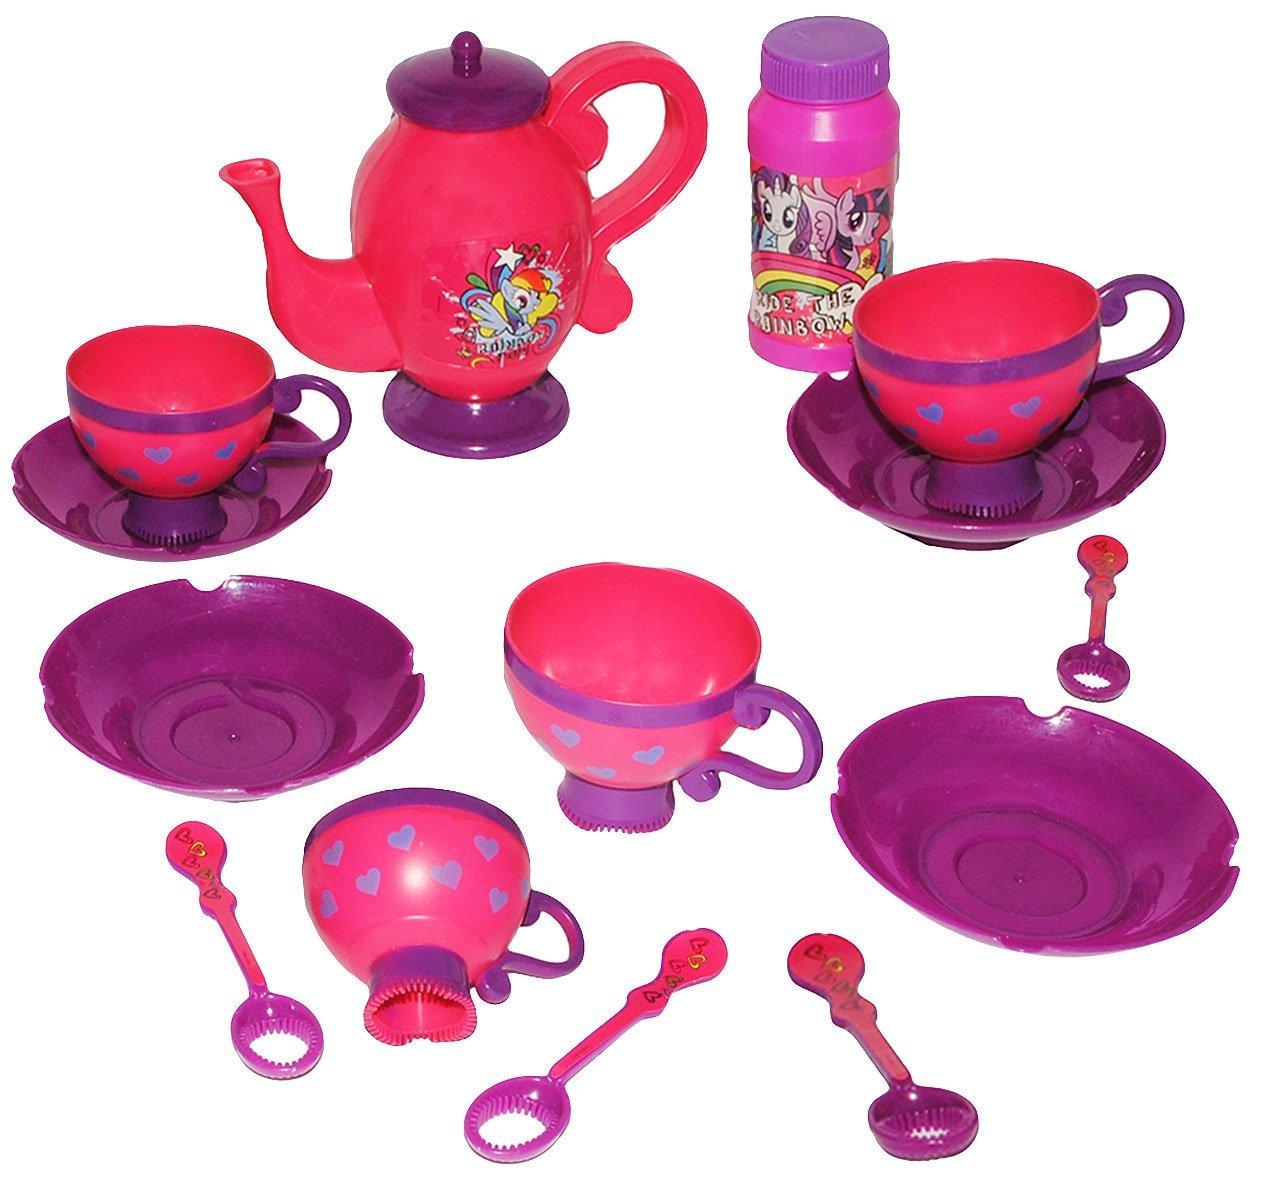 14 TLG. Set: Seifenblasen Service -  My Little Pony  - Teeservice + Seifenblasenstäbe + Nachfüllflasche - Badewanne - Badewannenspielzeug - für Kinder Mädch..